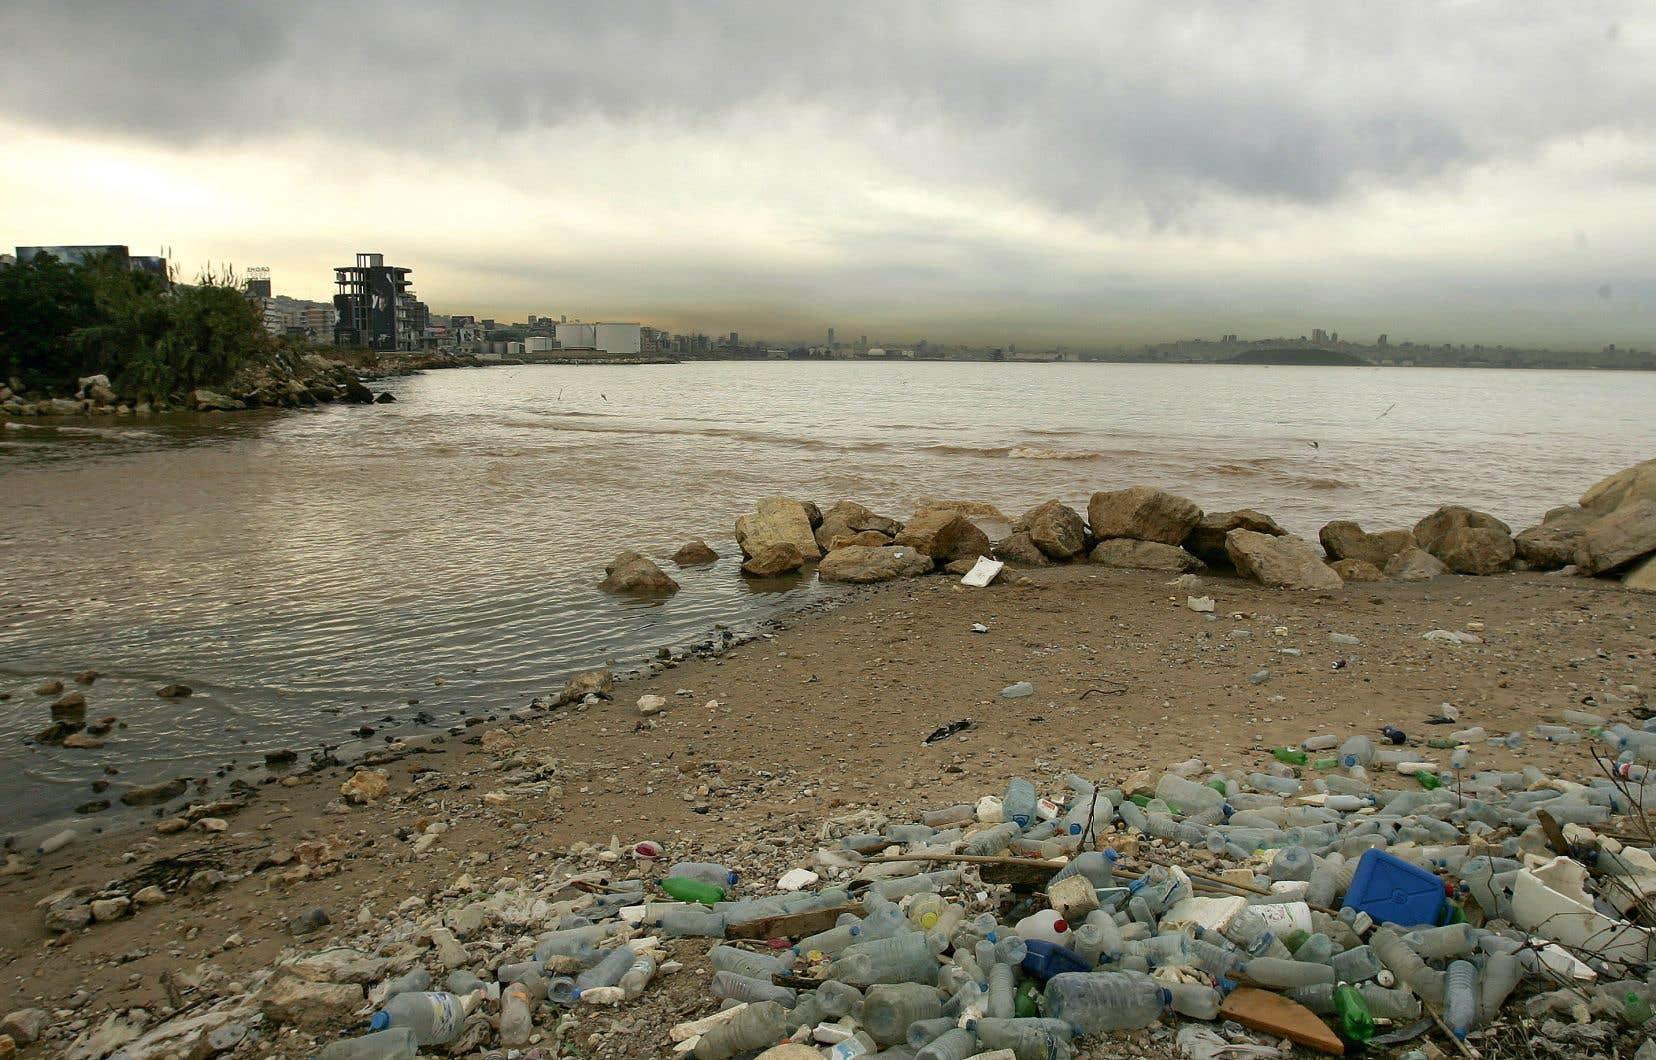 Un smog flotte dans le ciel au-dessus de Beyrouth, la capitale du Liban, dont les plages sont jonchées de bouteilles de plastique.